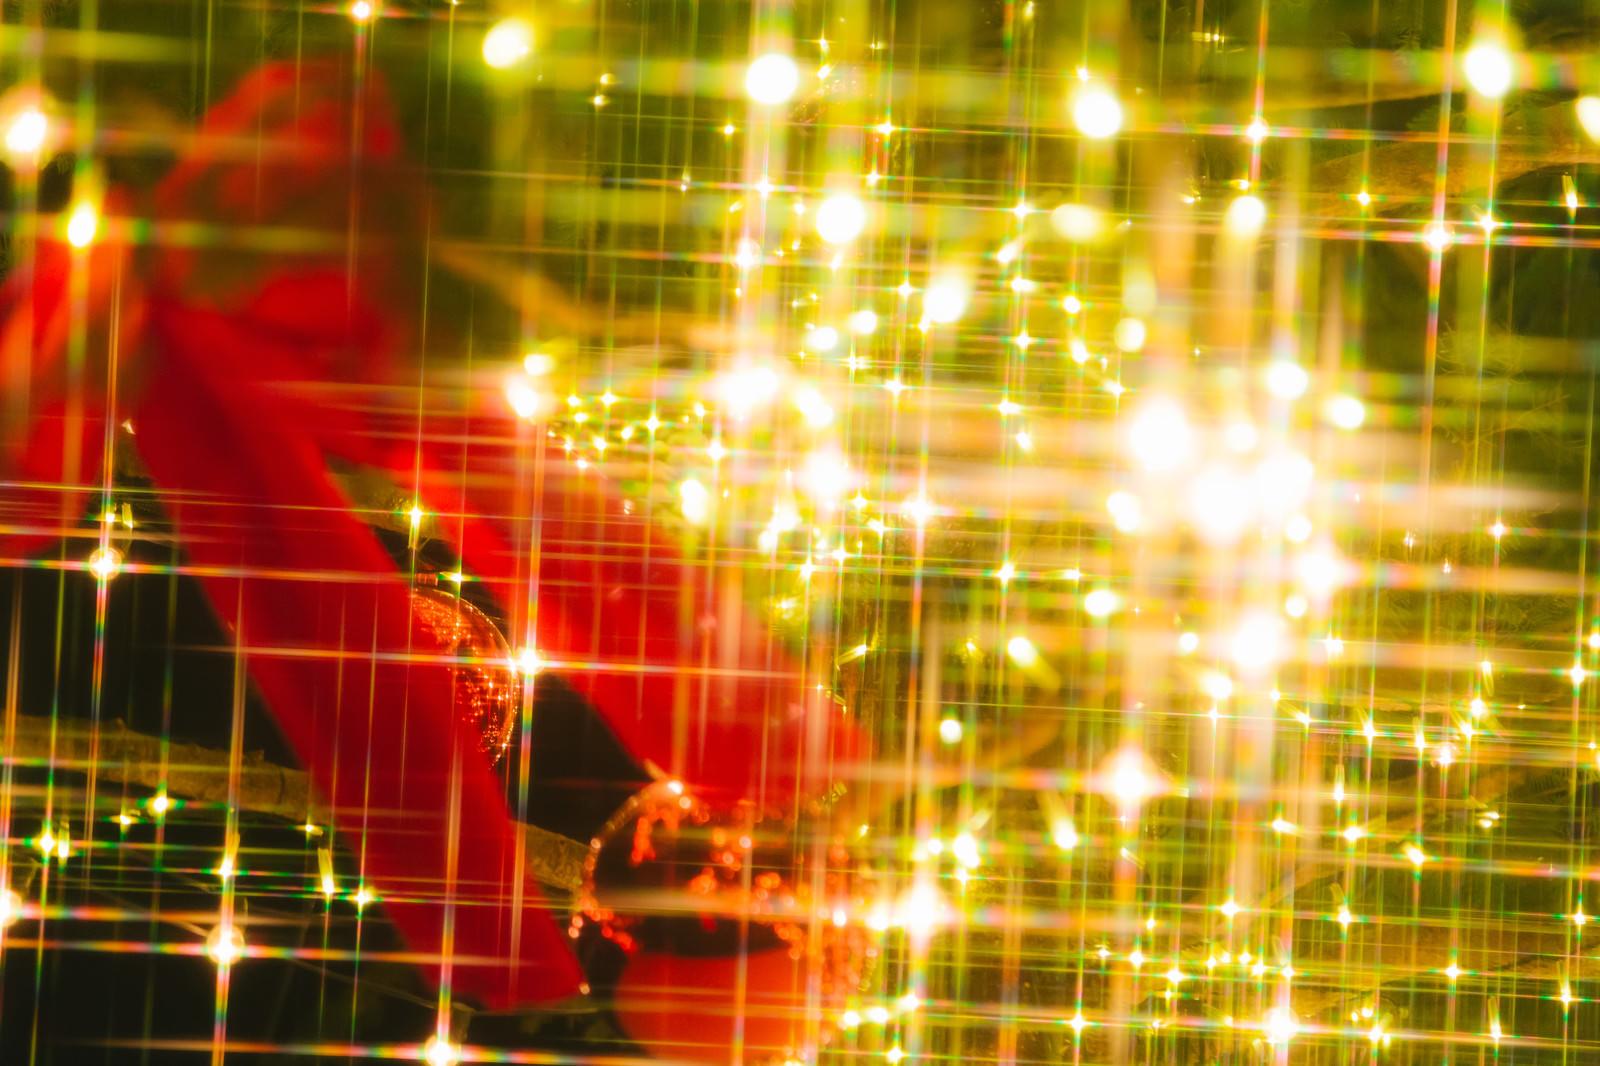 「キラッキラなクリスマスな飾りキラッキラなクリスマスな飾り」のフリー写真素材を拡大